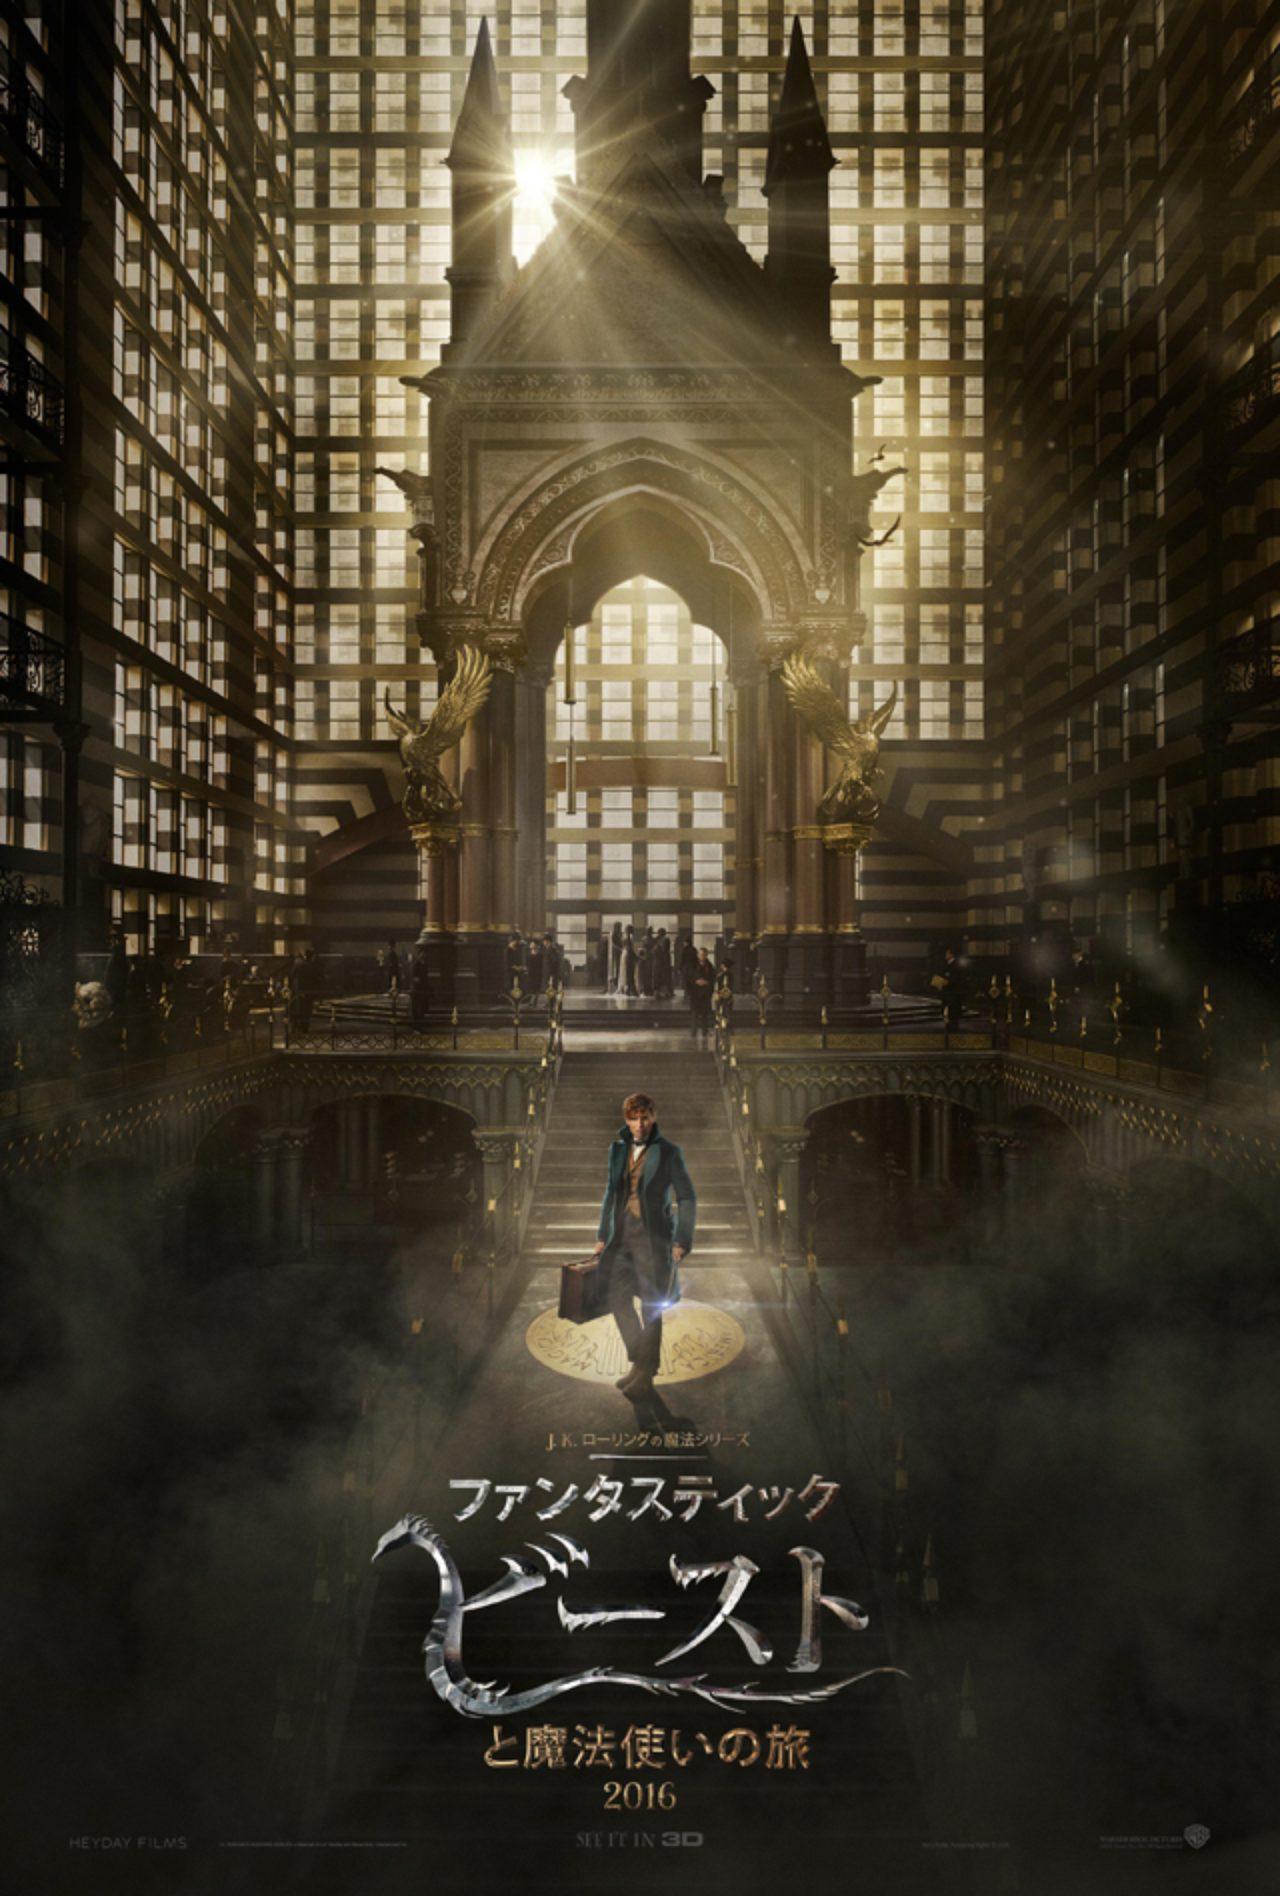 画像: m.cinematoday.jp